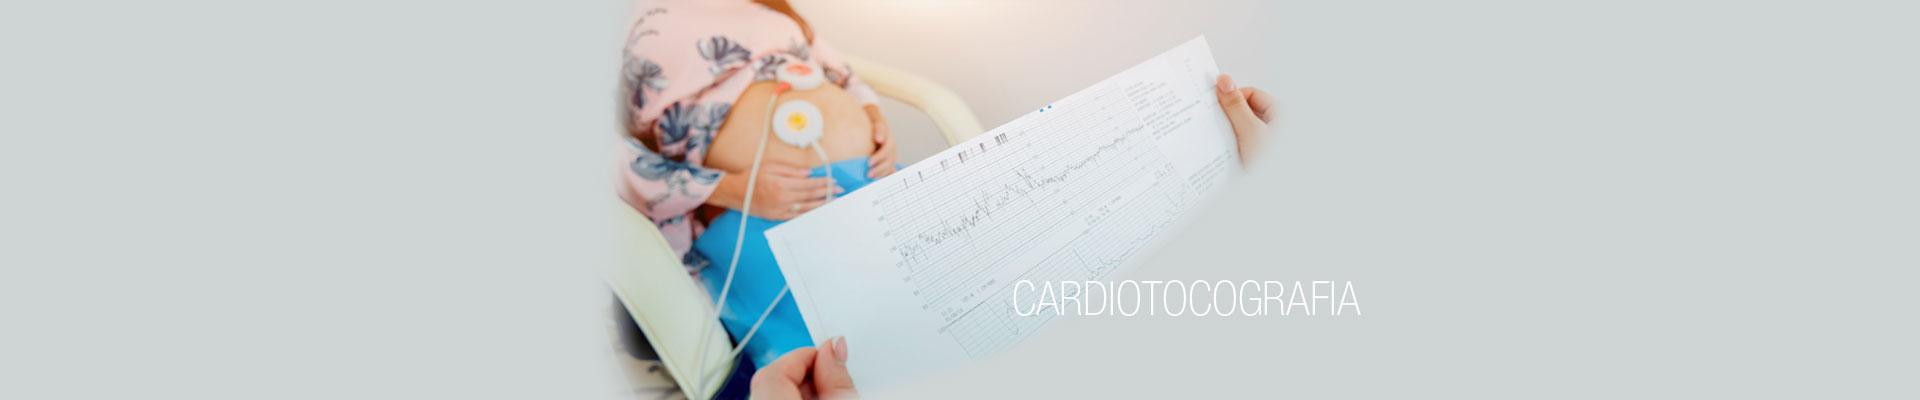 Cardiotocografia 2019 Centro Palmer - slide